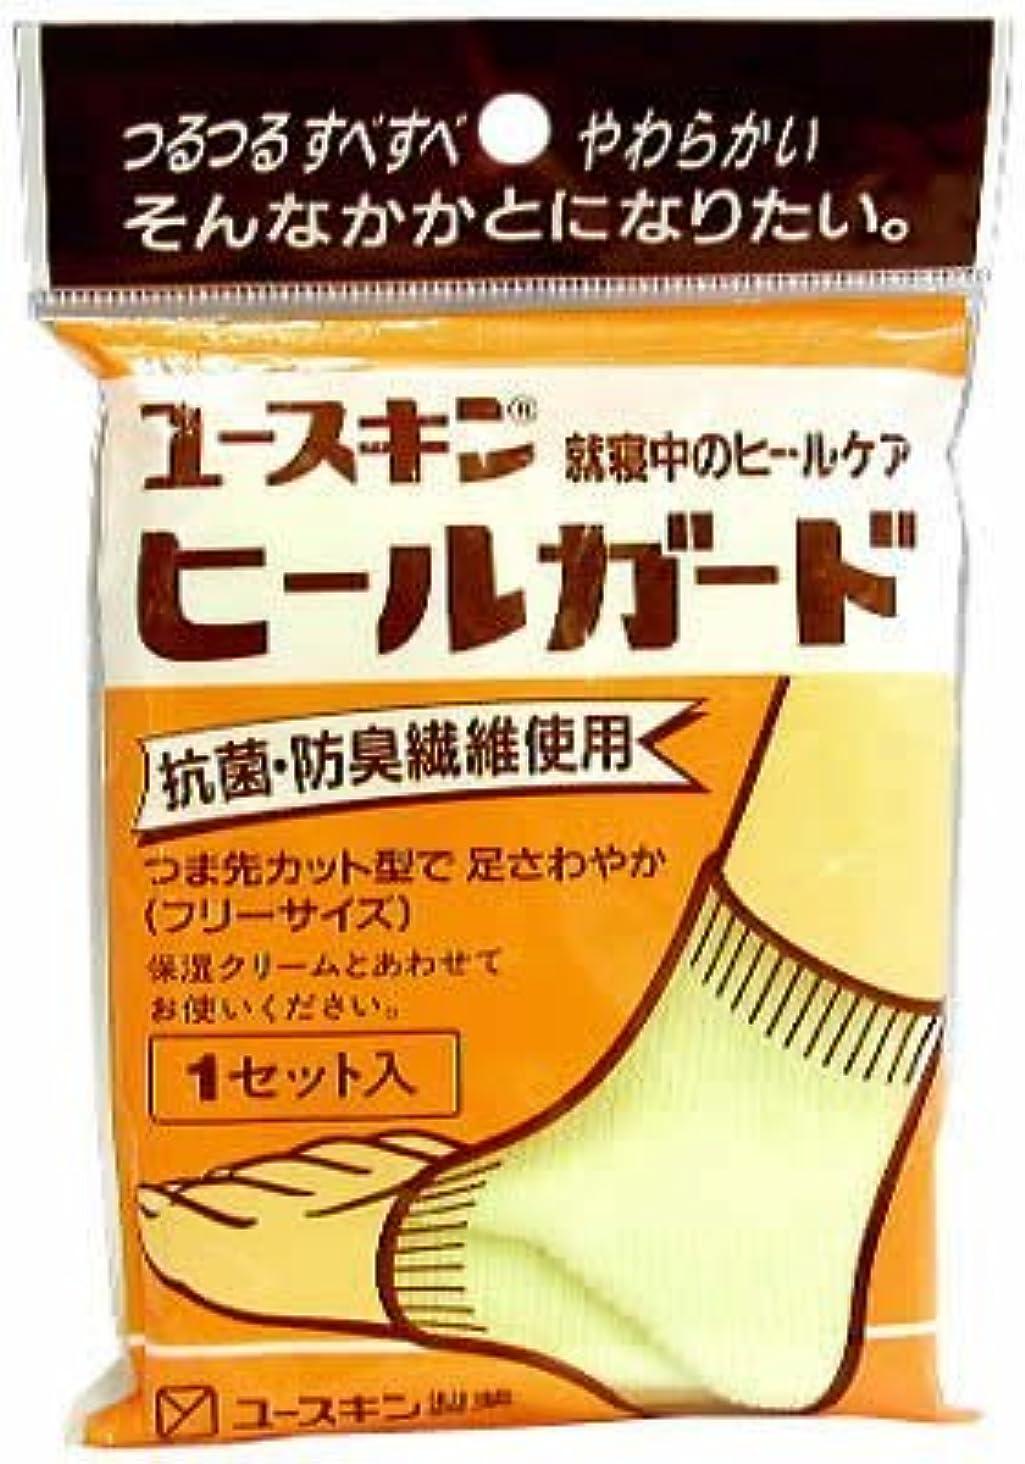 スカート給料志すユースキン ヒールガード 1組(2枚) (かかと専用靴下)×3個